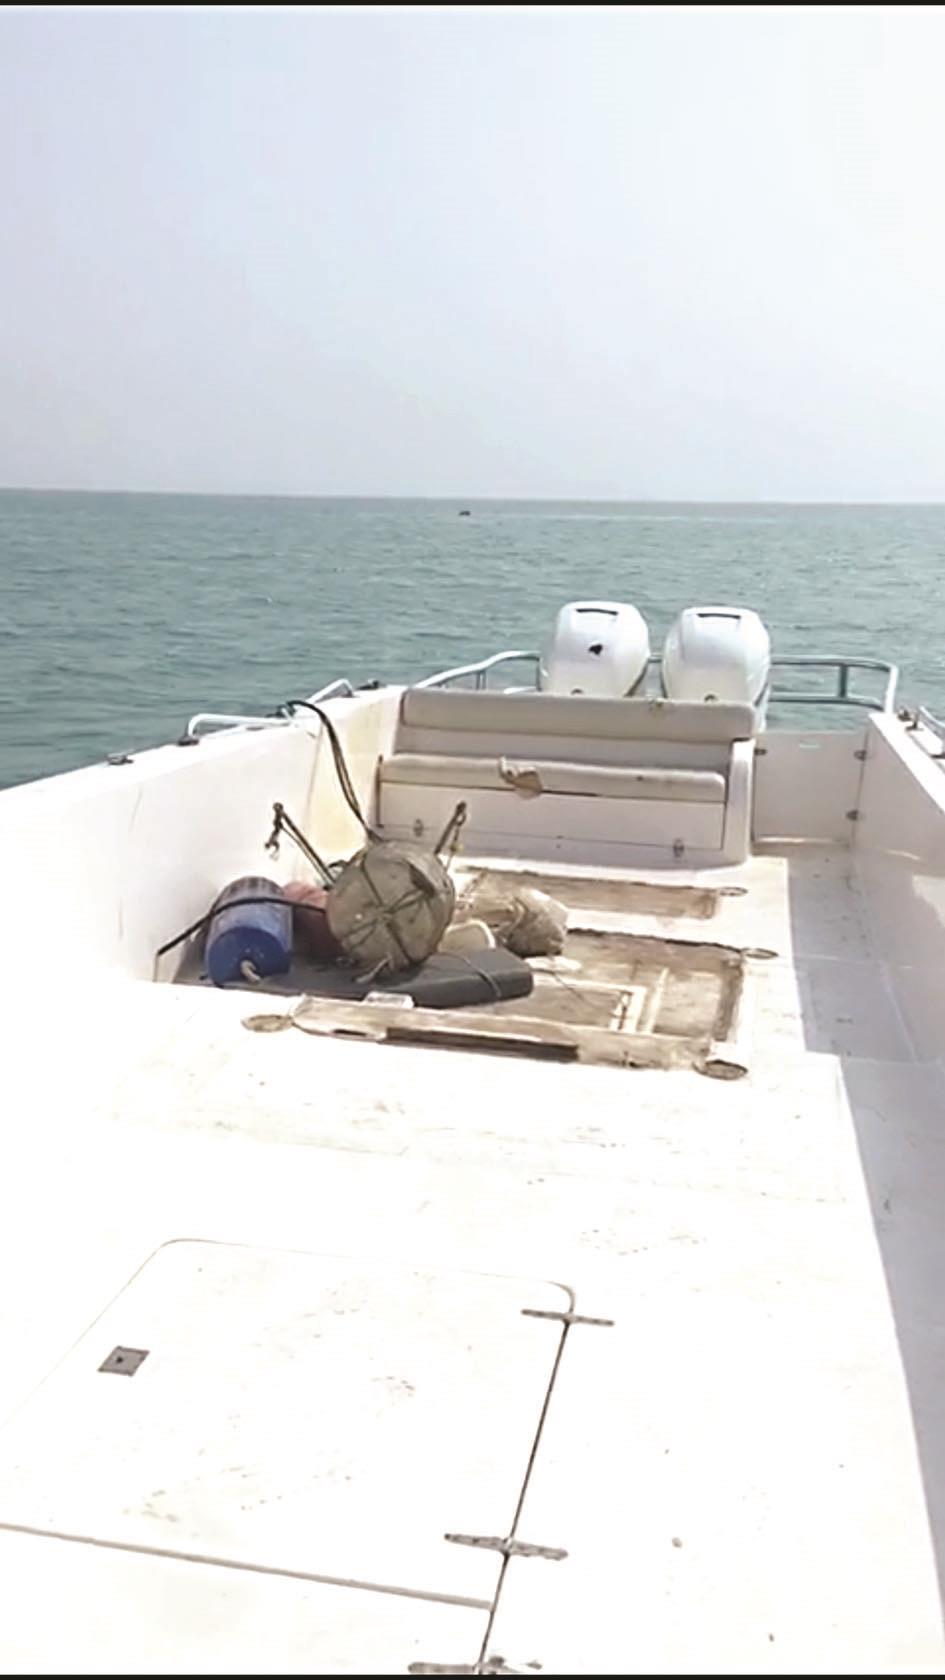 هروب 3 صيادين مصريين أتلفوا دورية للرقابة البحرية